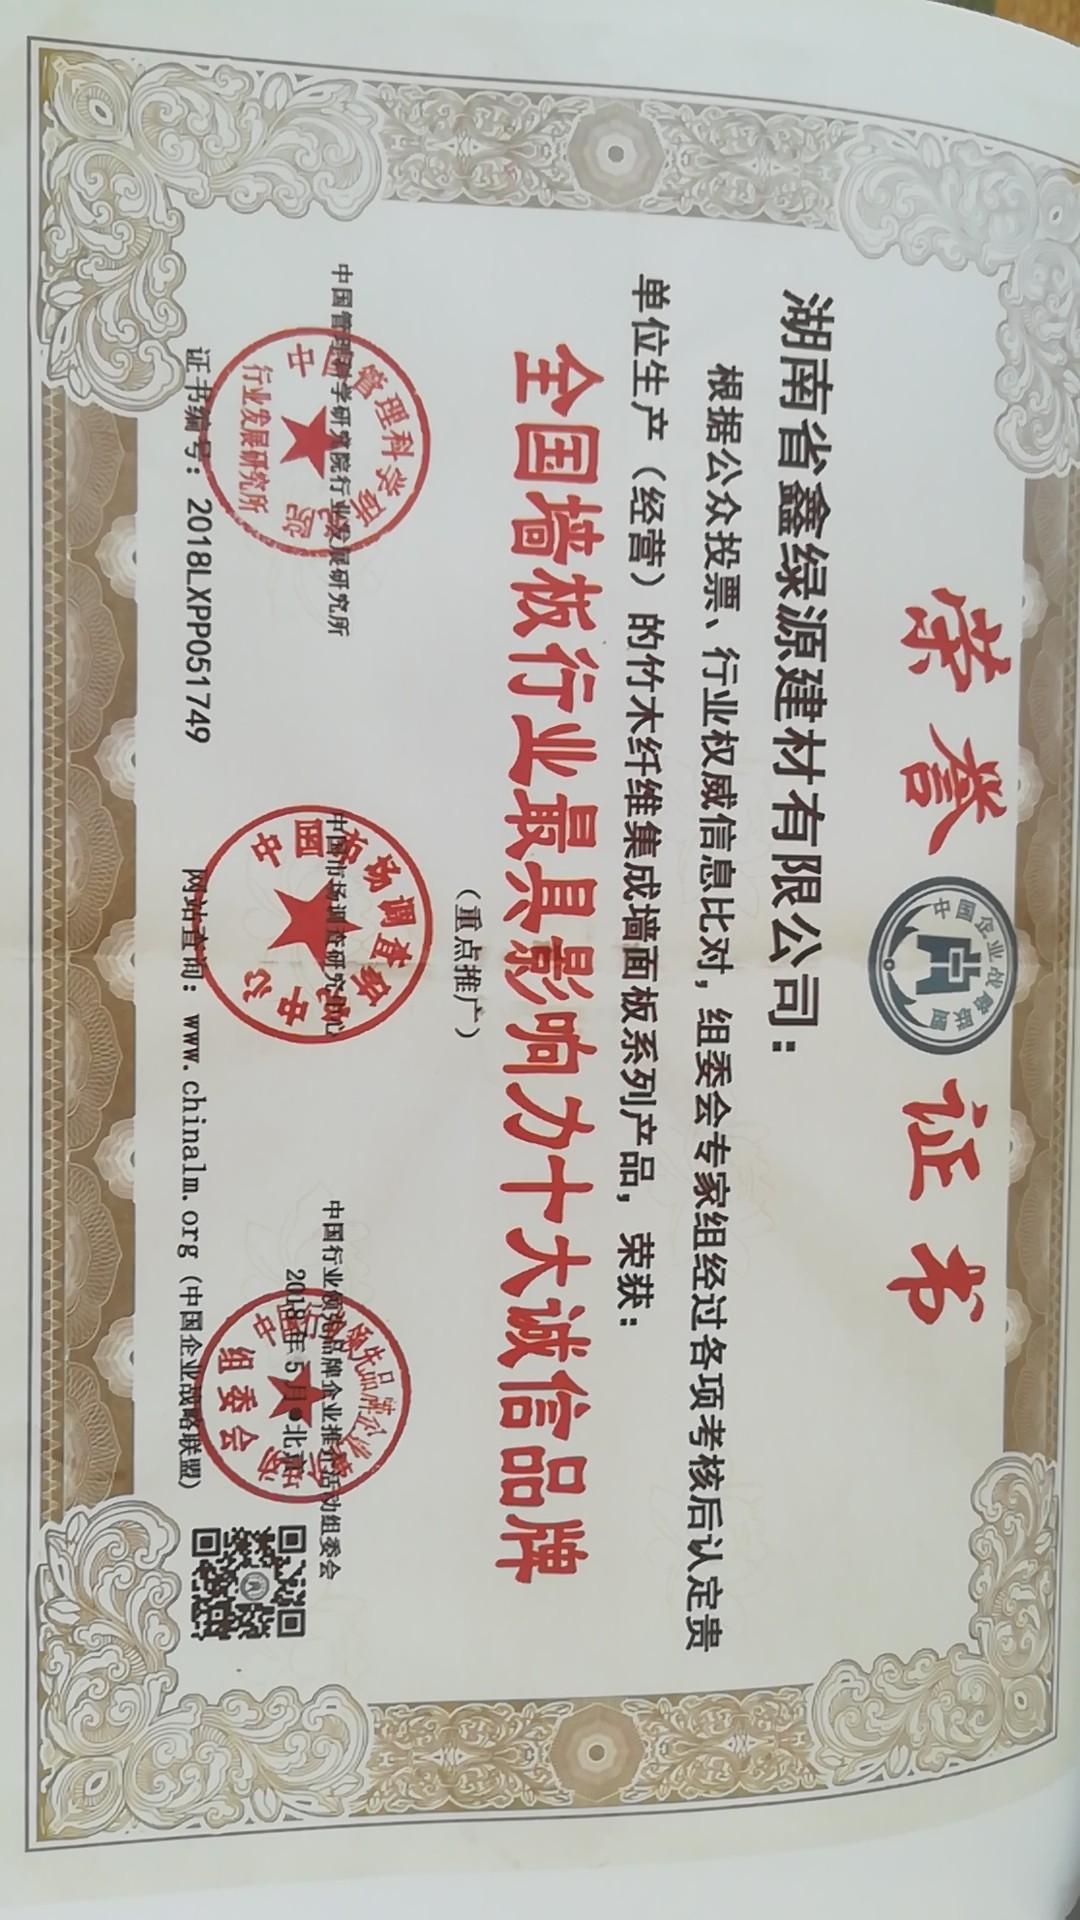 资质和荣誉证书